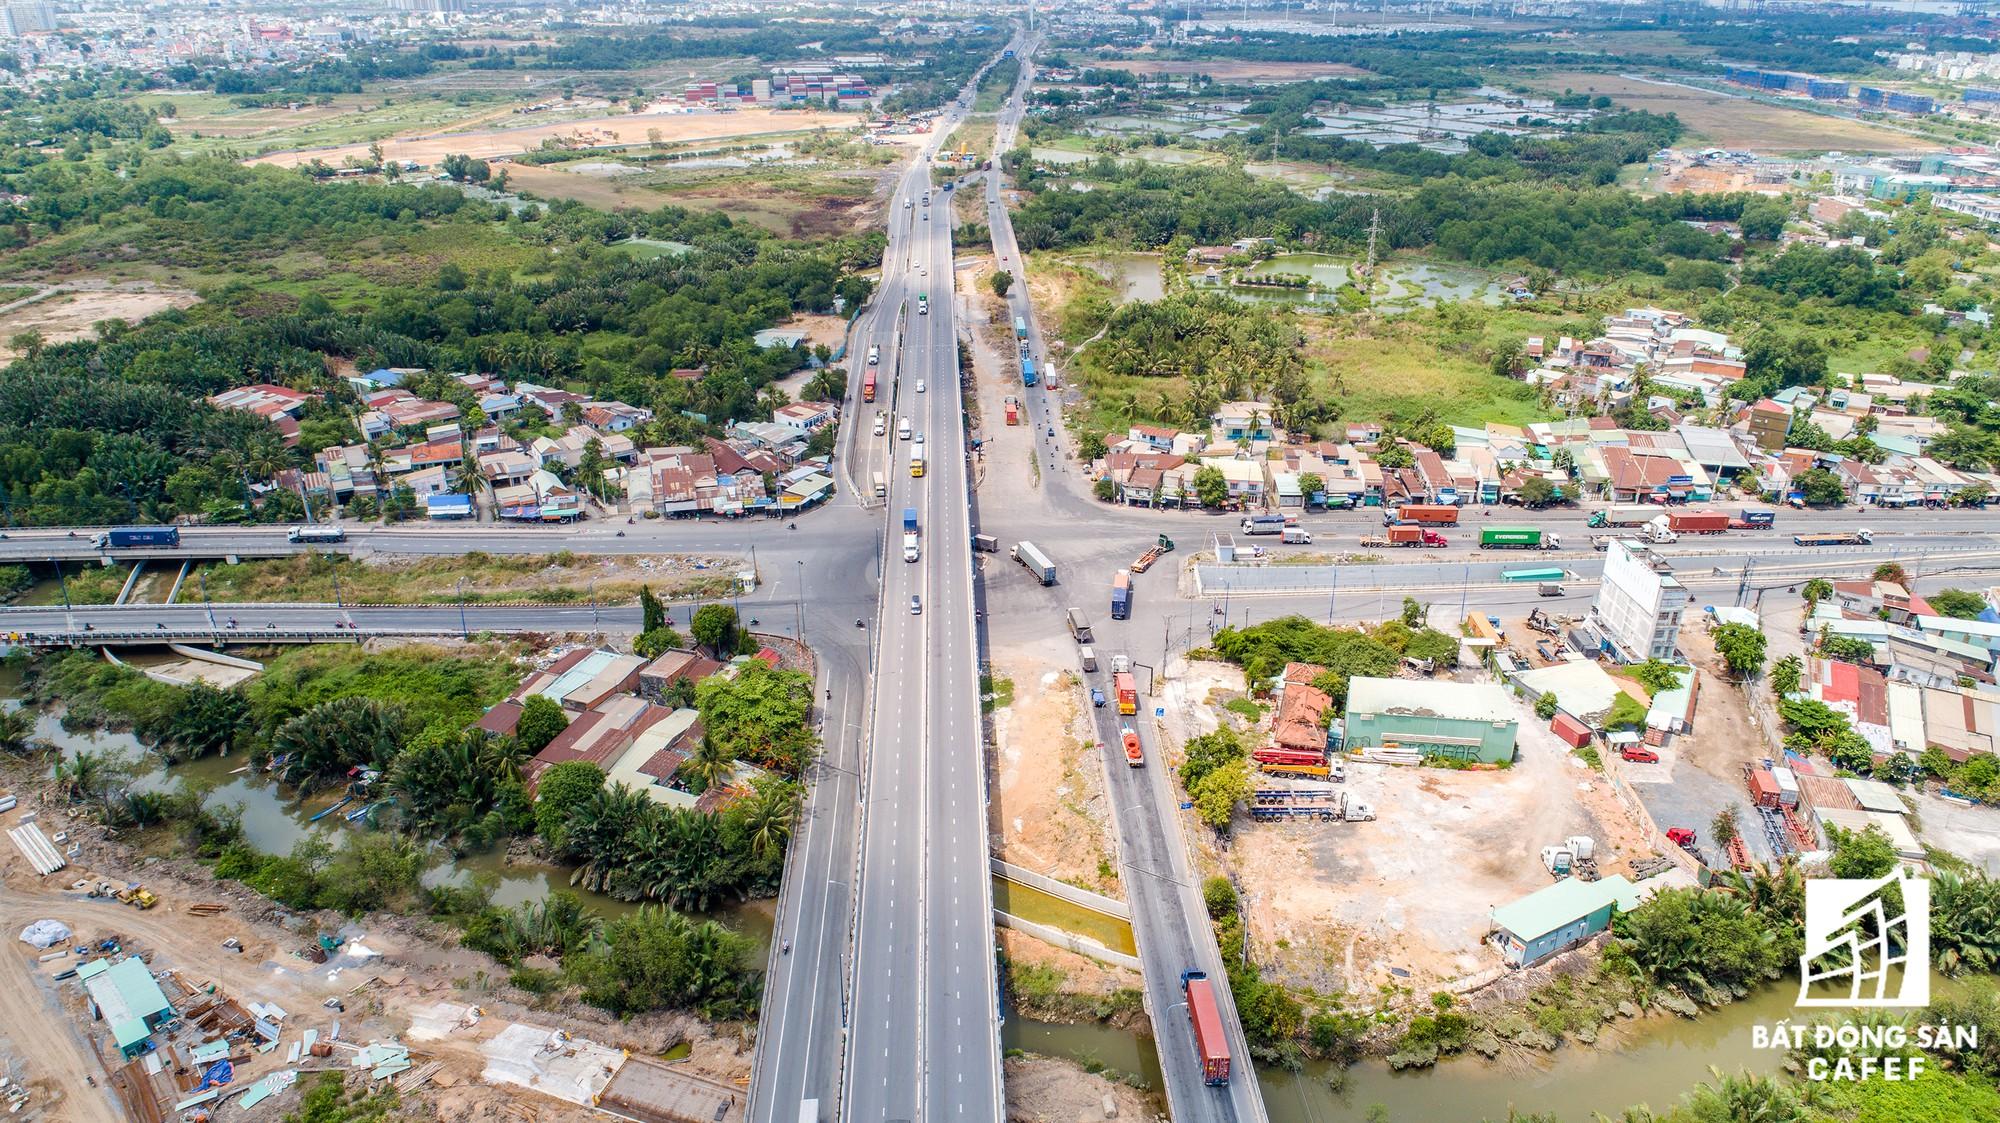 Đồng Nai chốt phương án xây cầu Cát Lái nối Nhơn Trạch và TP.HCM, bức tranh thị trường bất động sản thay đổi chóng mặt - Ảnh 15.